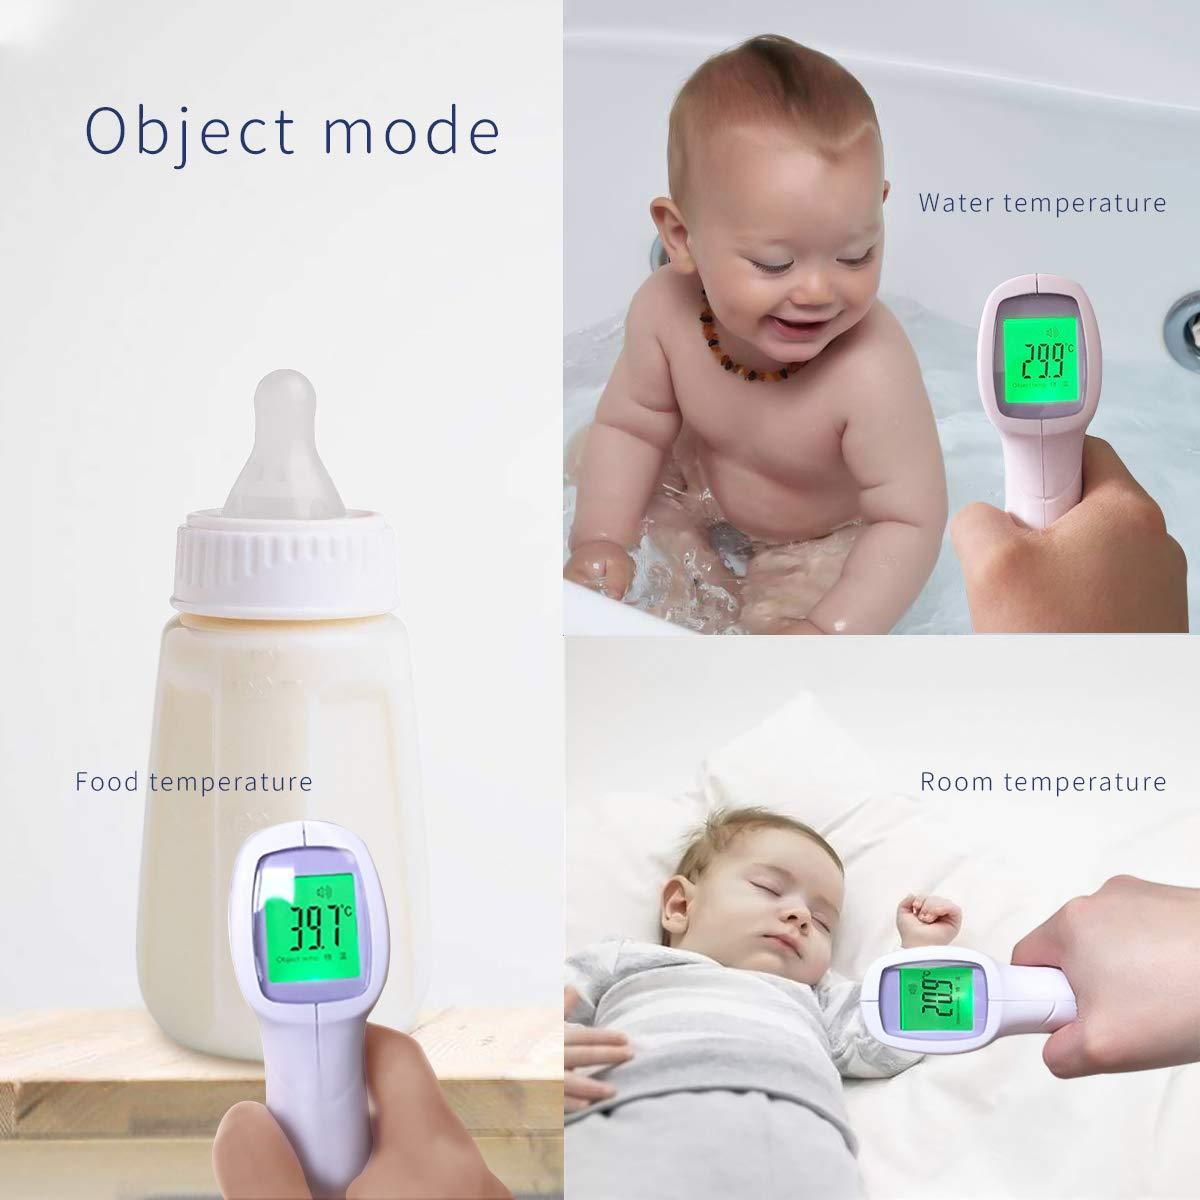 P/úrpura SONARIN Infrarrojo Sin Contacto Term/ómetro de Frente M/édico Digital para beb/és y adultos,Objeto medible,Monitoreo Cl/ínico,Lectura instant/ánea,Certificaci/ón CE y FDA